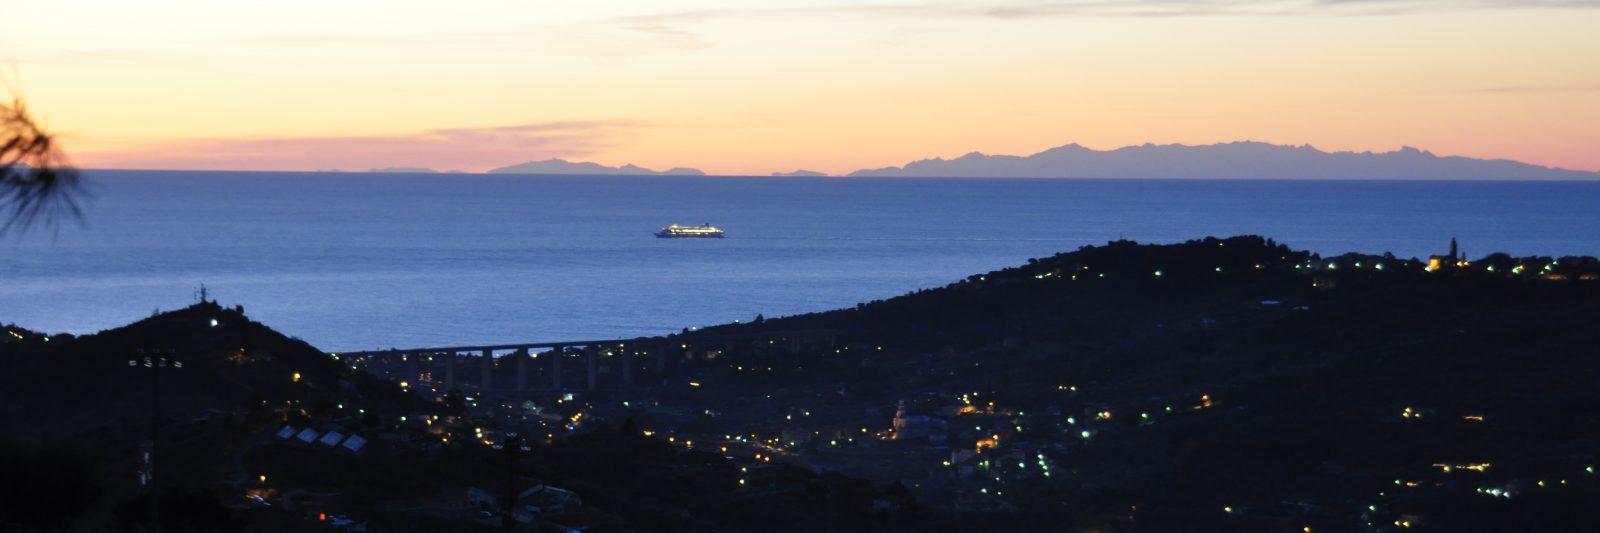 Sonnenaufgang Colle Lupi mit Blick auf Korsika